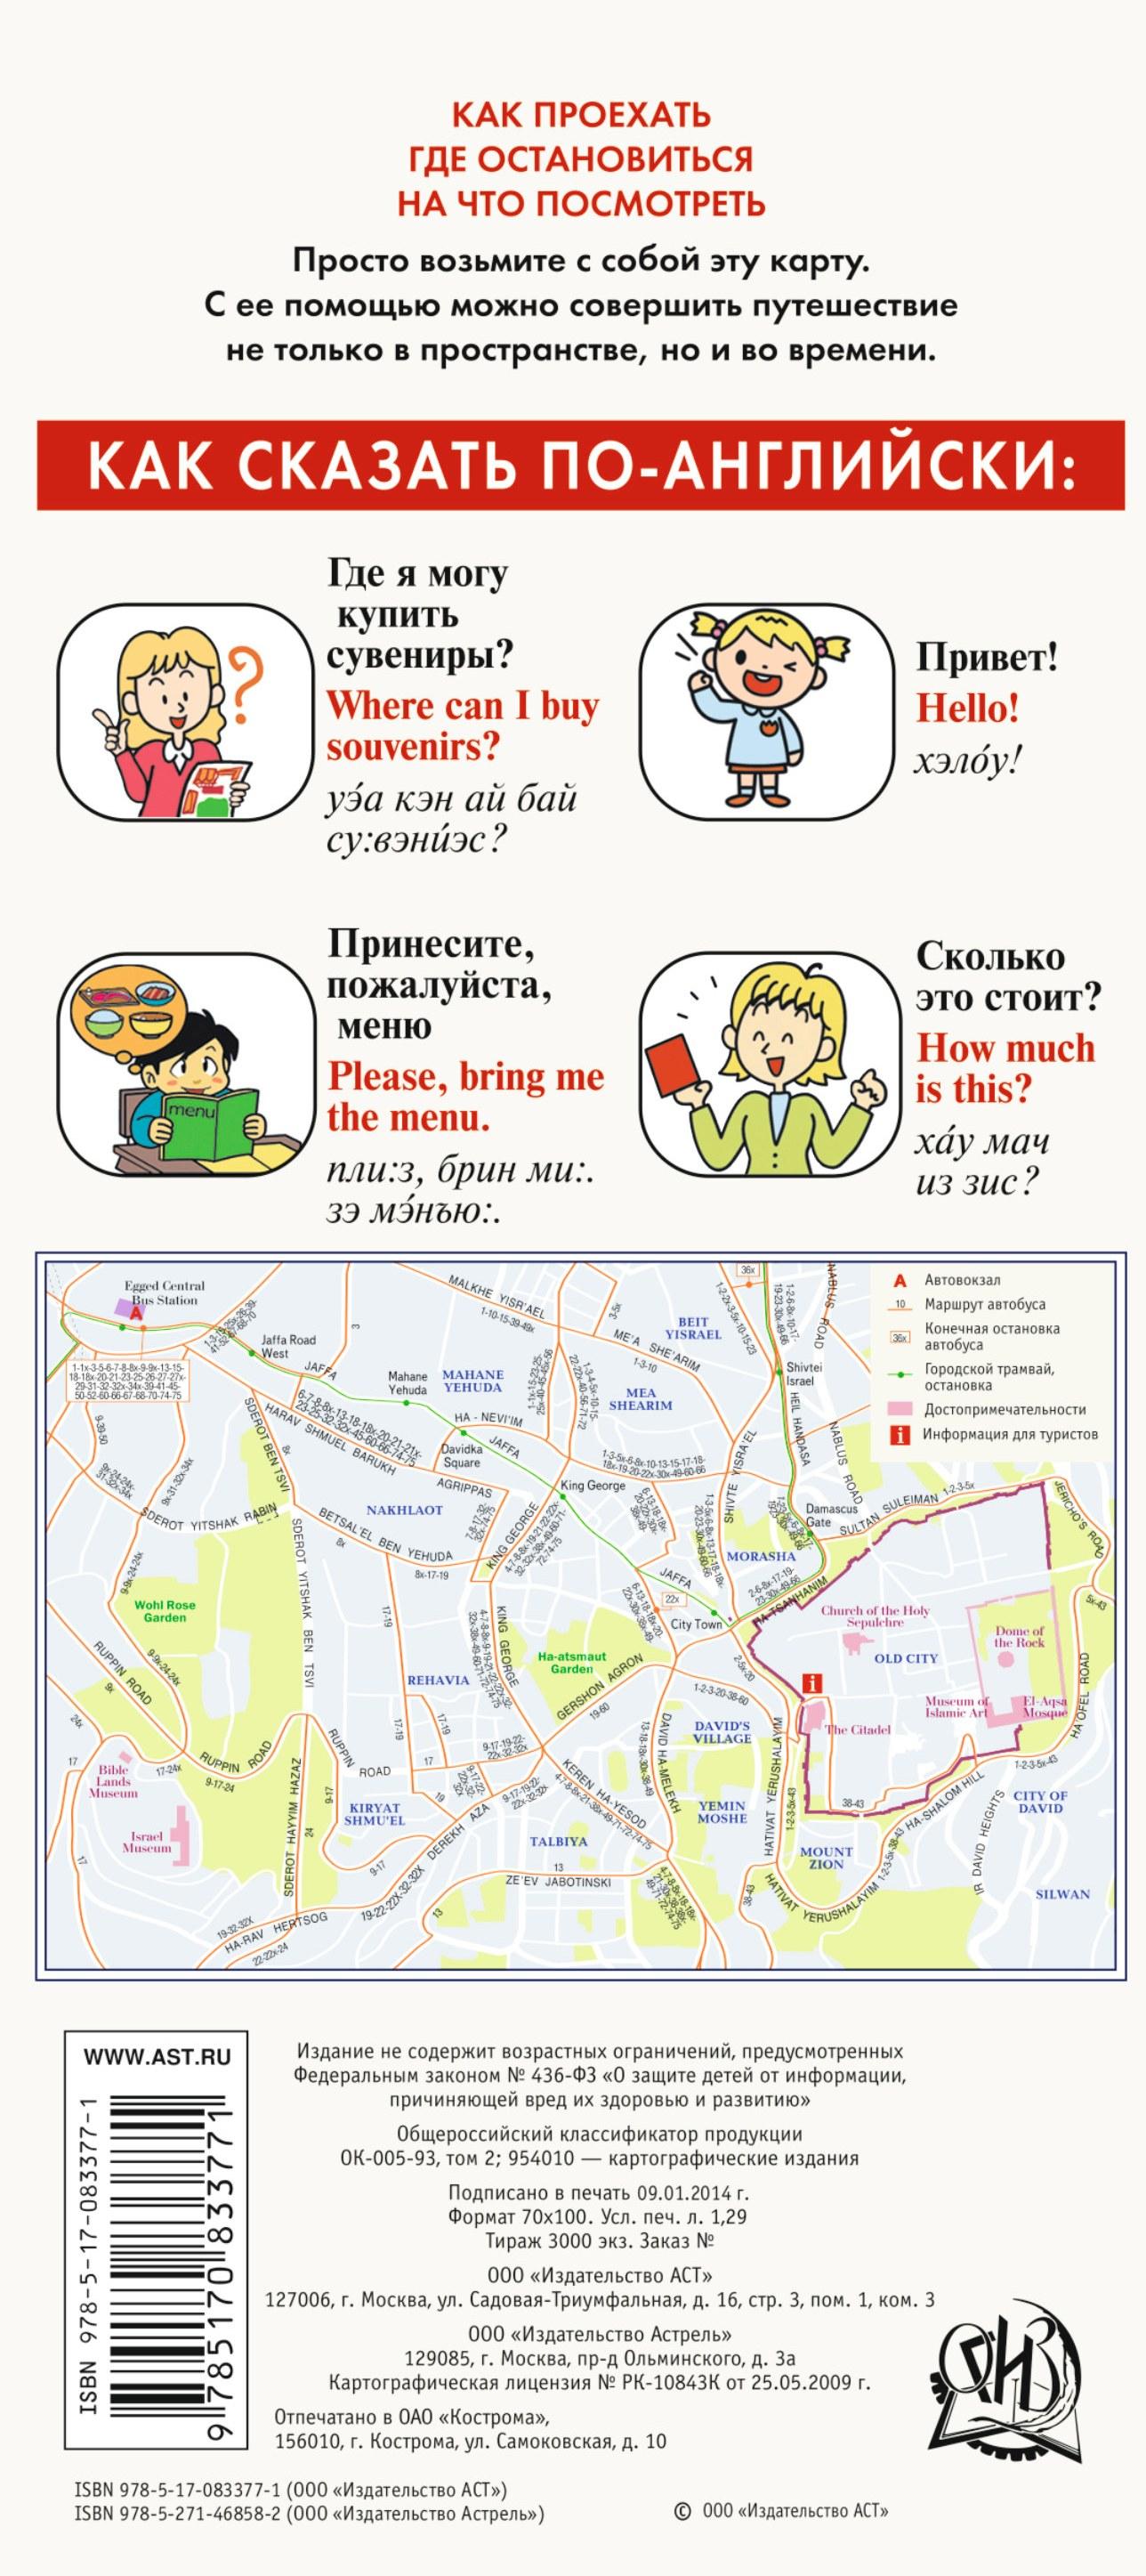 Скачать Иерусалим. Русско-английский разговорник + транспортная схема, карта, достопримечательности быстро